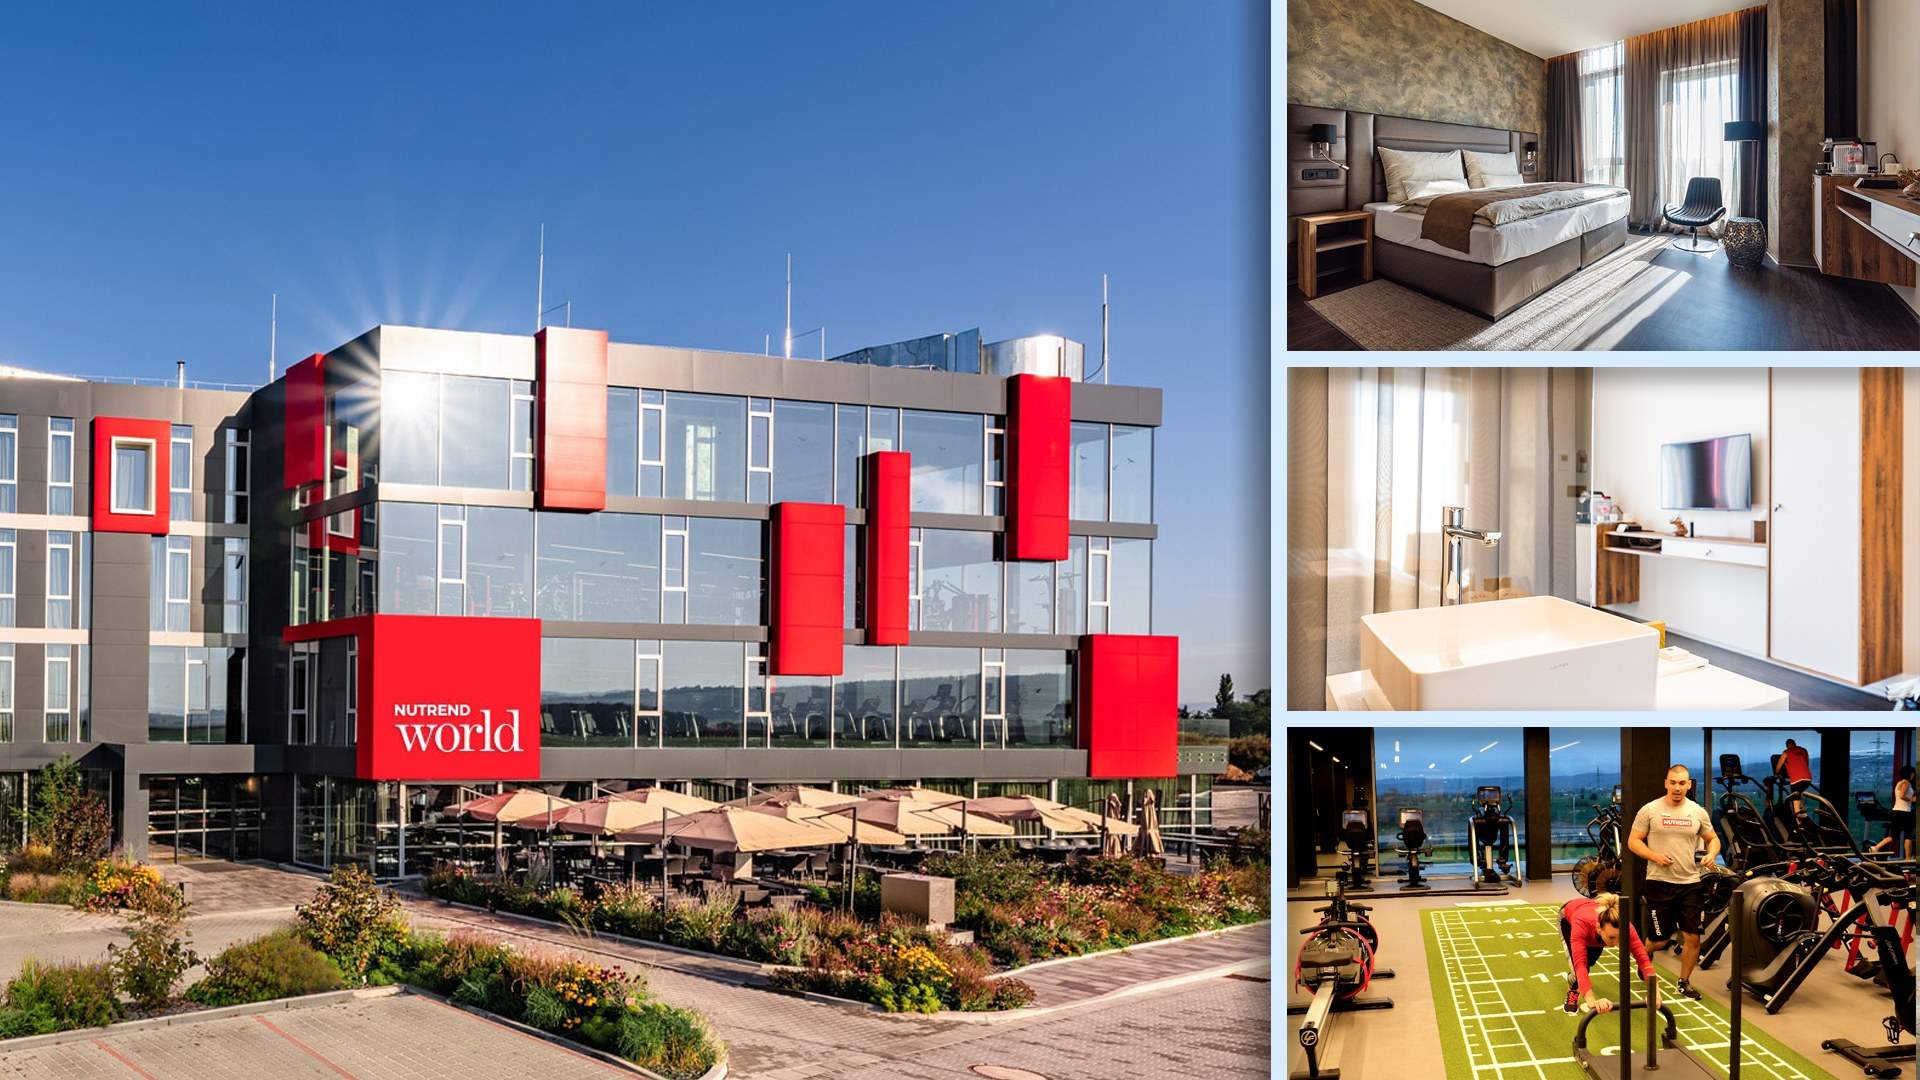 Nutrend World - Hotel pro milovníky zdravého životního stylu